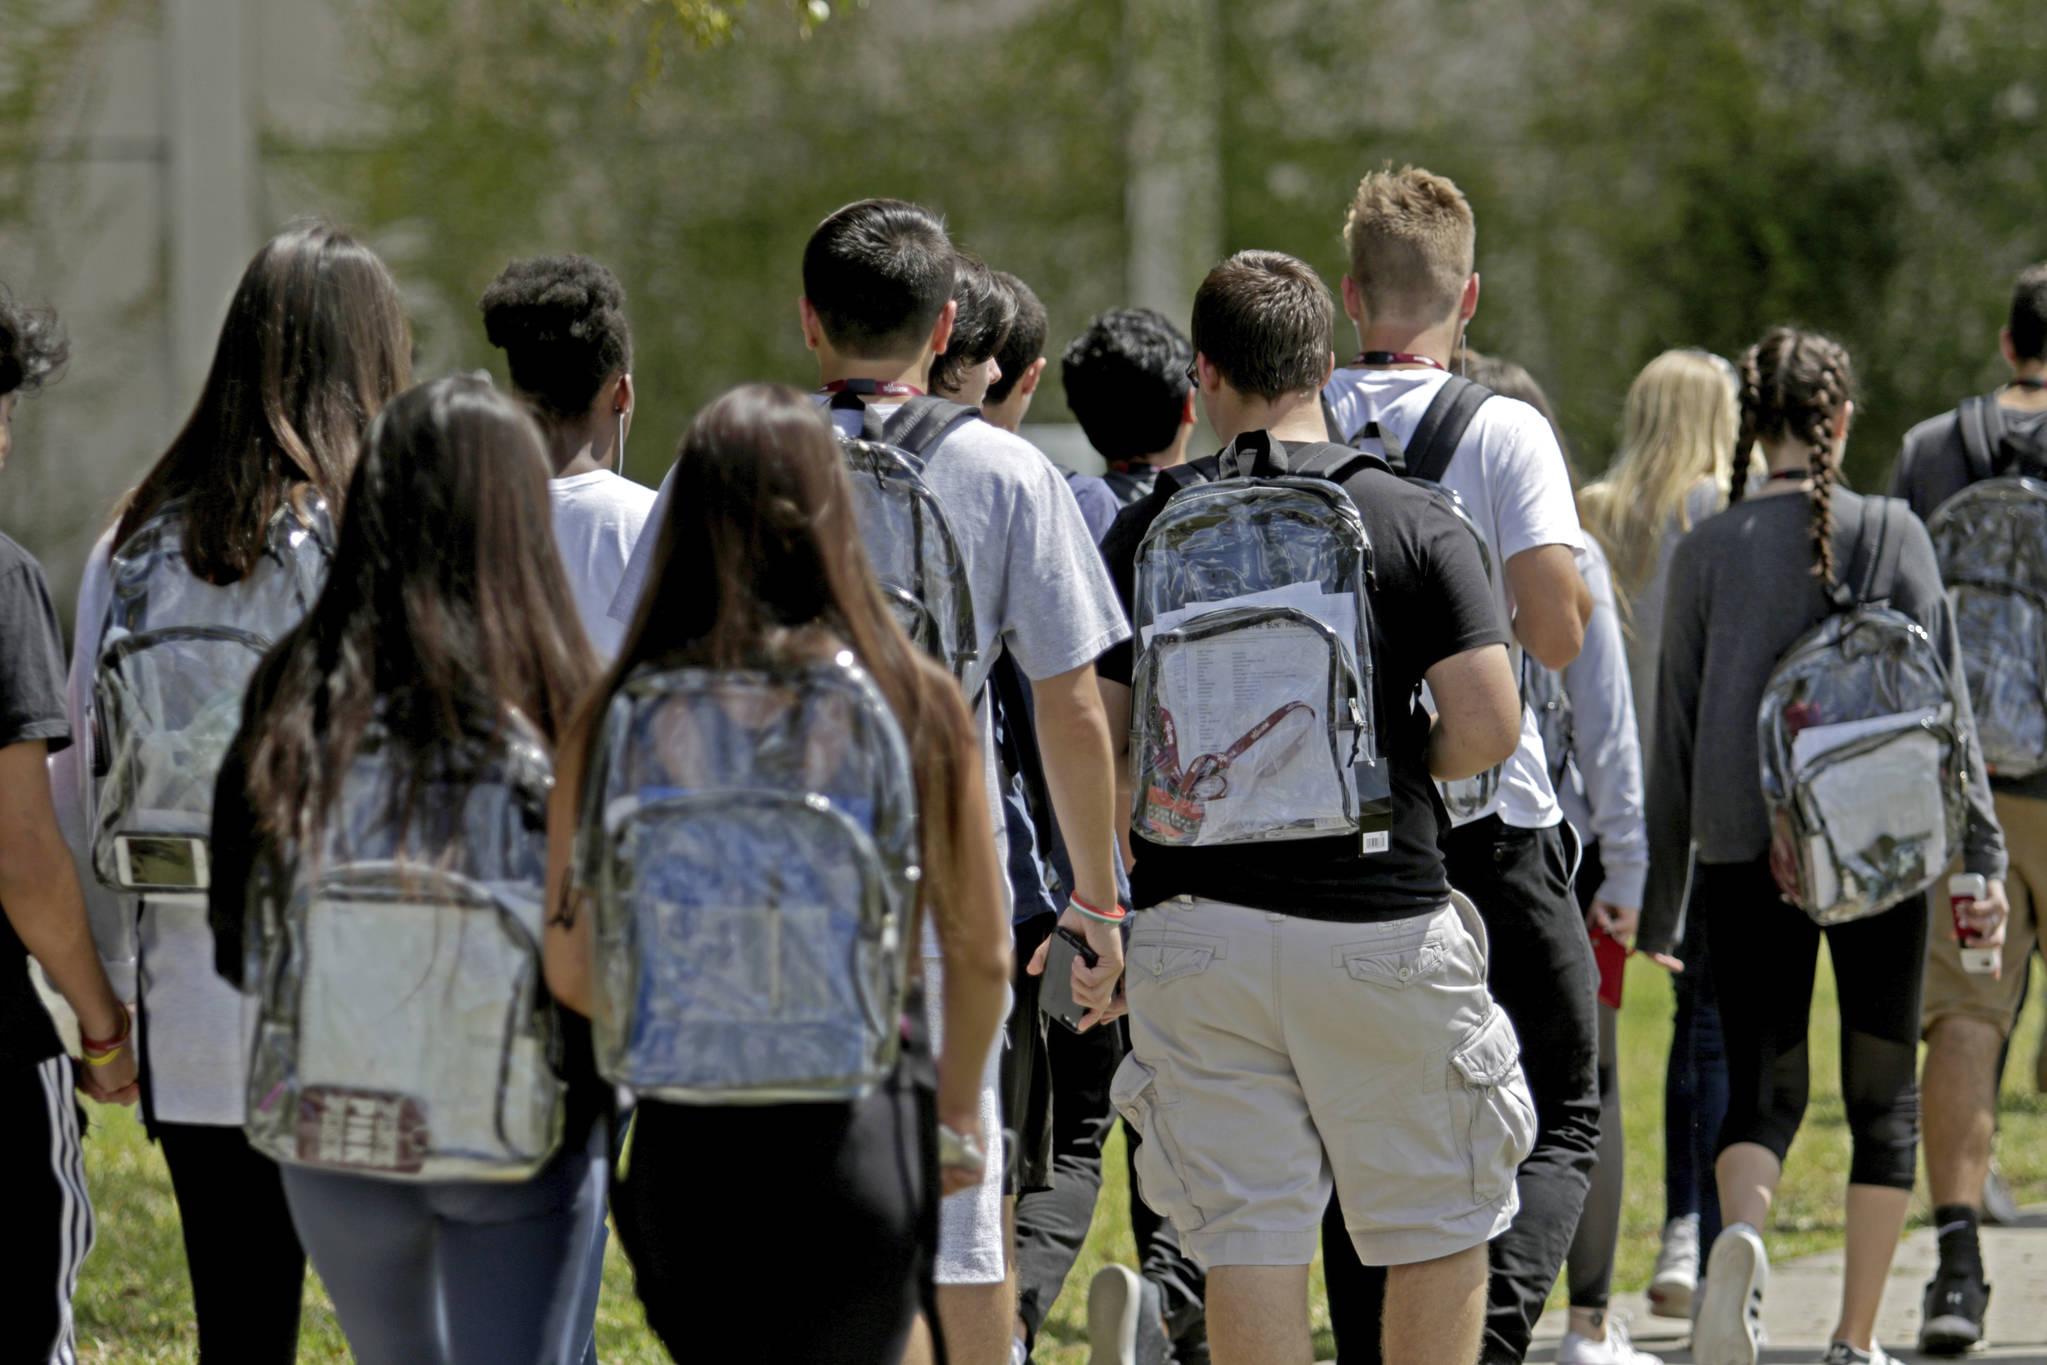 17명의 목숨을 앗아간 총기 난사 사건이 있었던 미 플로리다주 마조리 스톤맨 더글러스 고교 학생들이 2일(현지시간) 투명한 가방을 메고 등교를 하고 있다. [AP=연합뉴스]